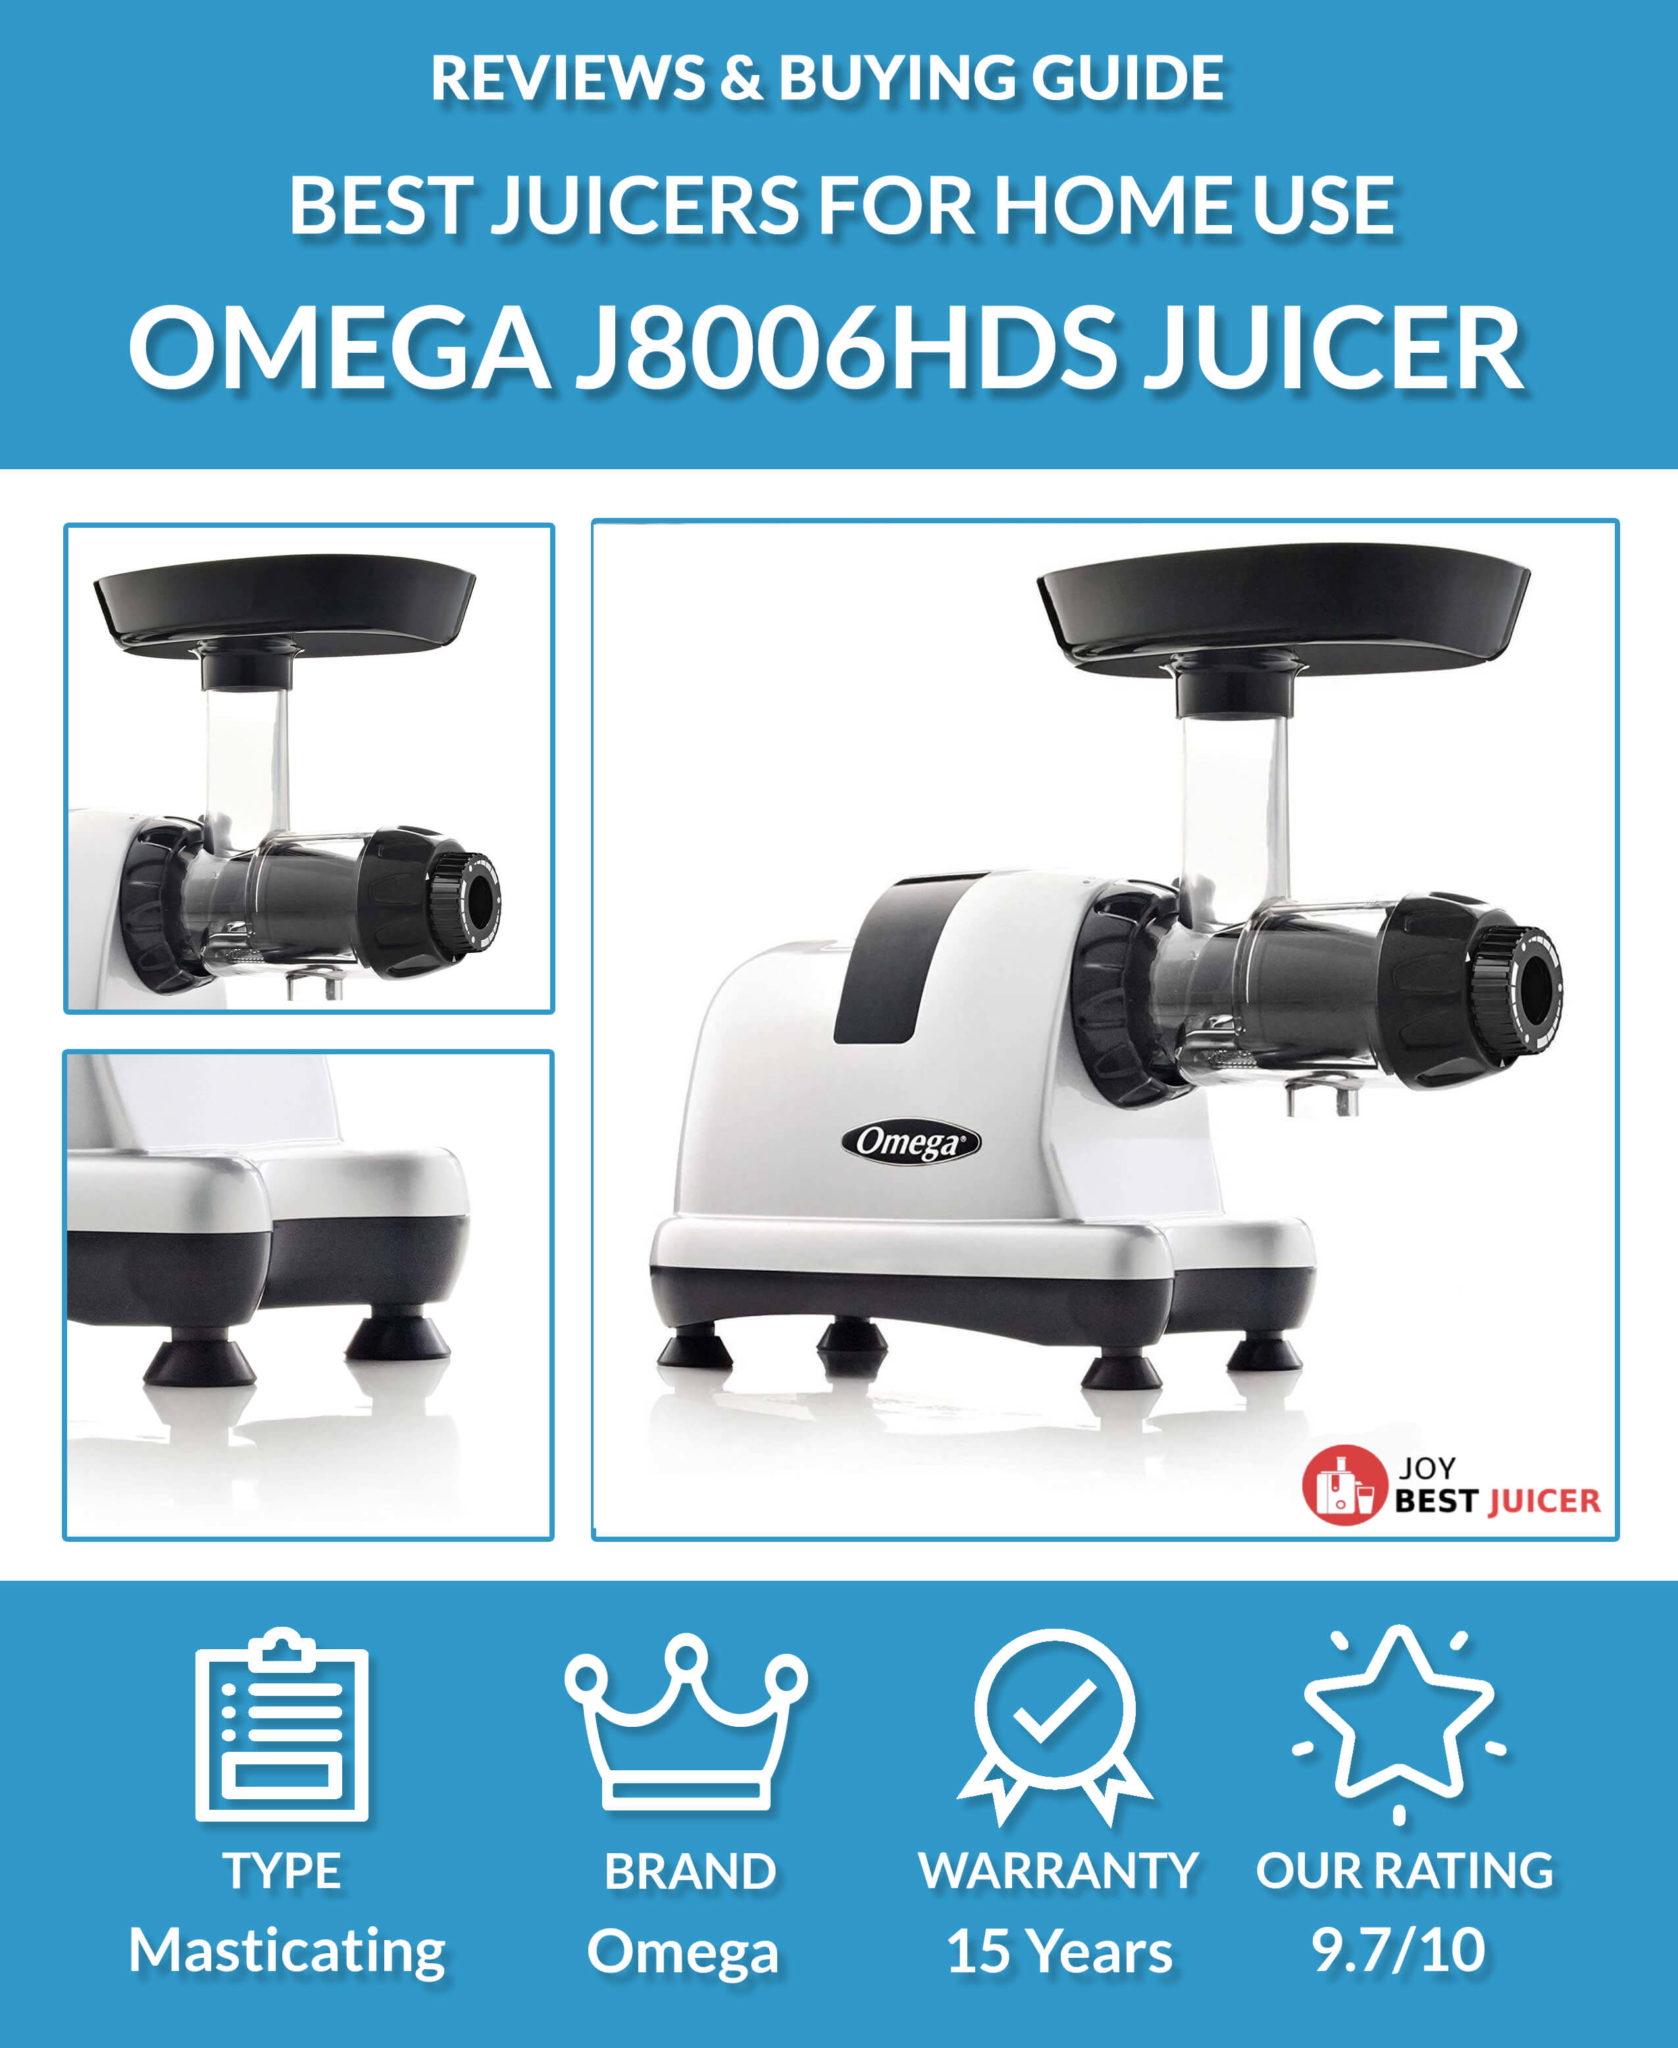 Omega J8006HDS Nutrition Center Juicer Review - JoyBestJuicer.com